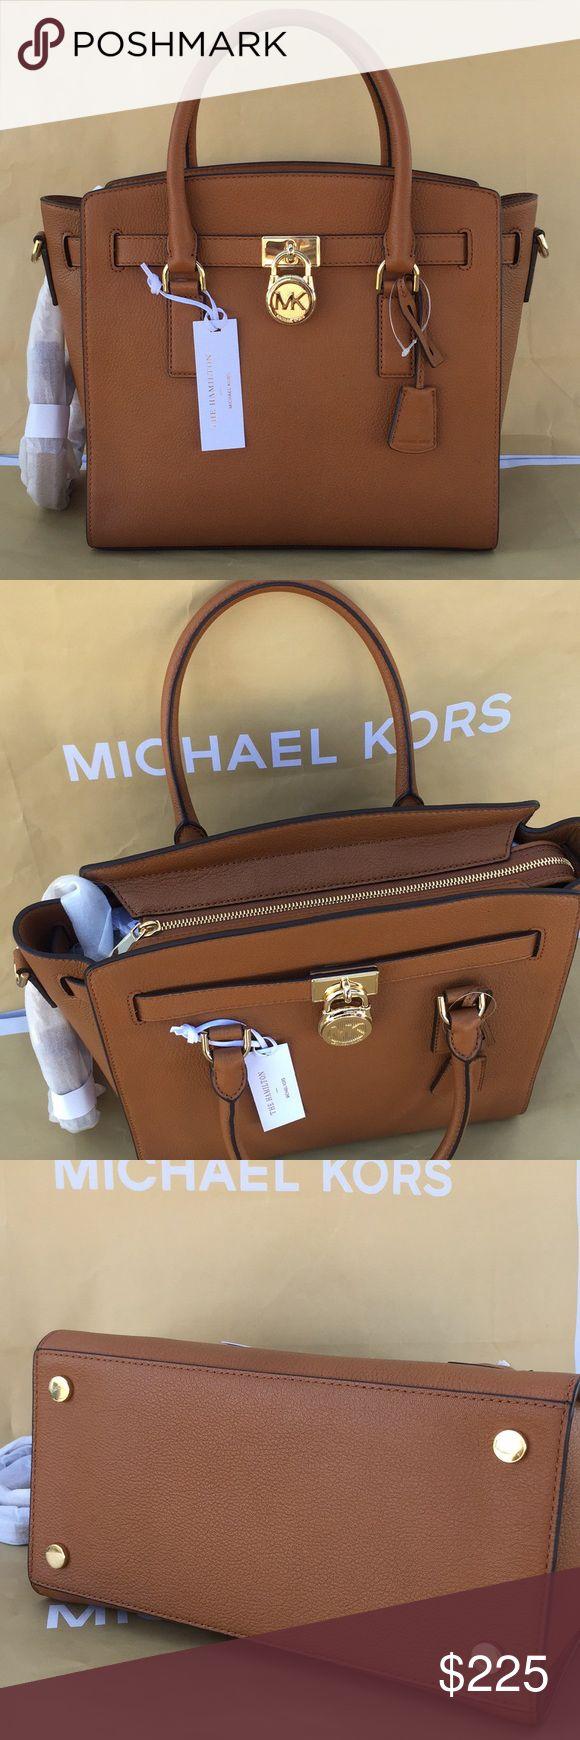 🌹🌸Michael kors Hamilton satchel large🌹 100% Authentic Brandnew Michael Kors Hamilton satchel in brown 🌹 Michael Kors Bags Satchels